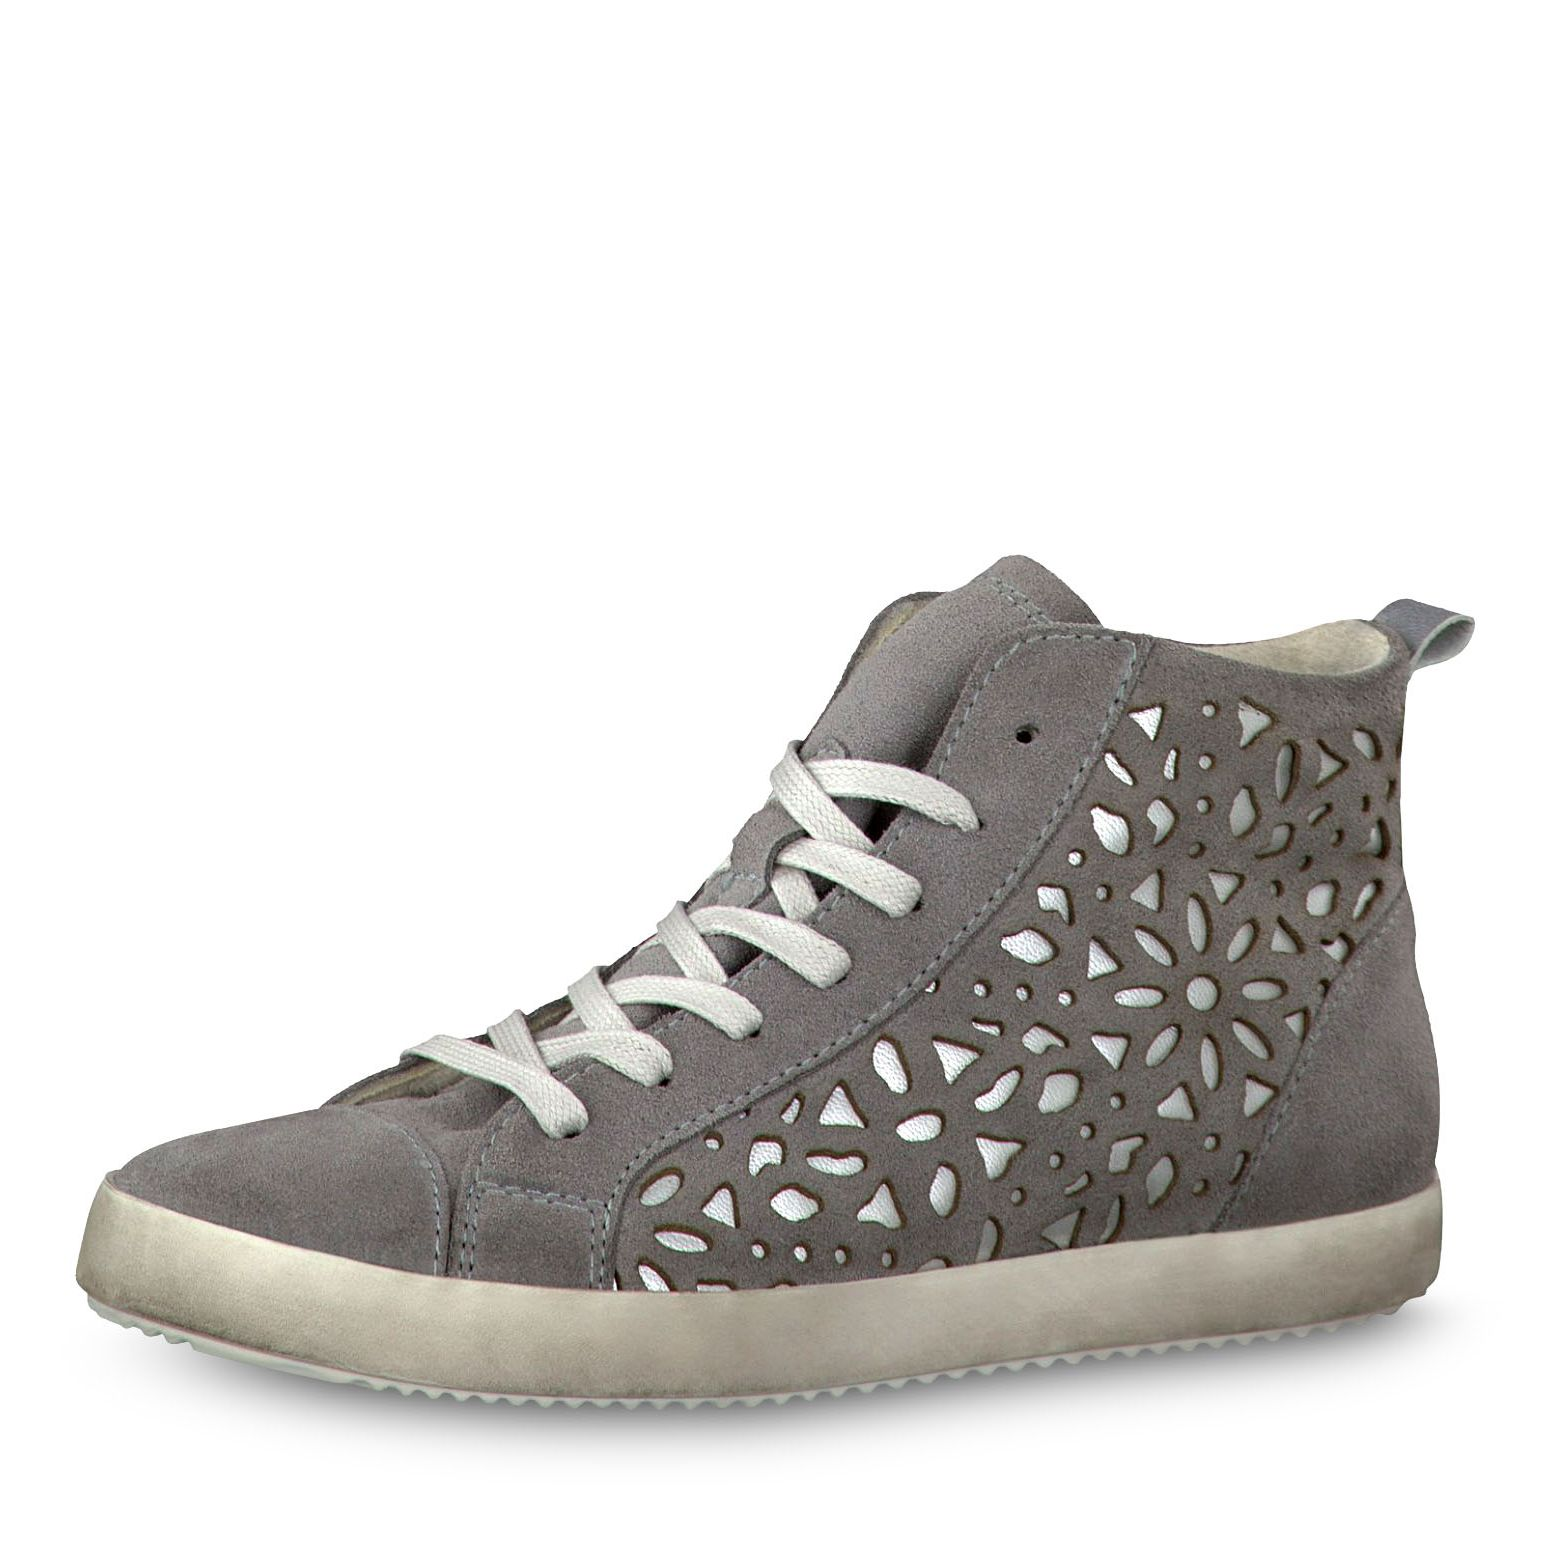 Chaussures Tamaris Ekin dBoq265kw